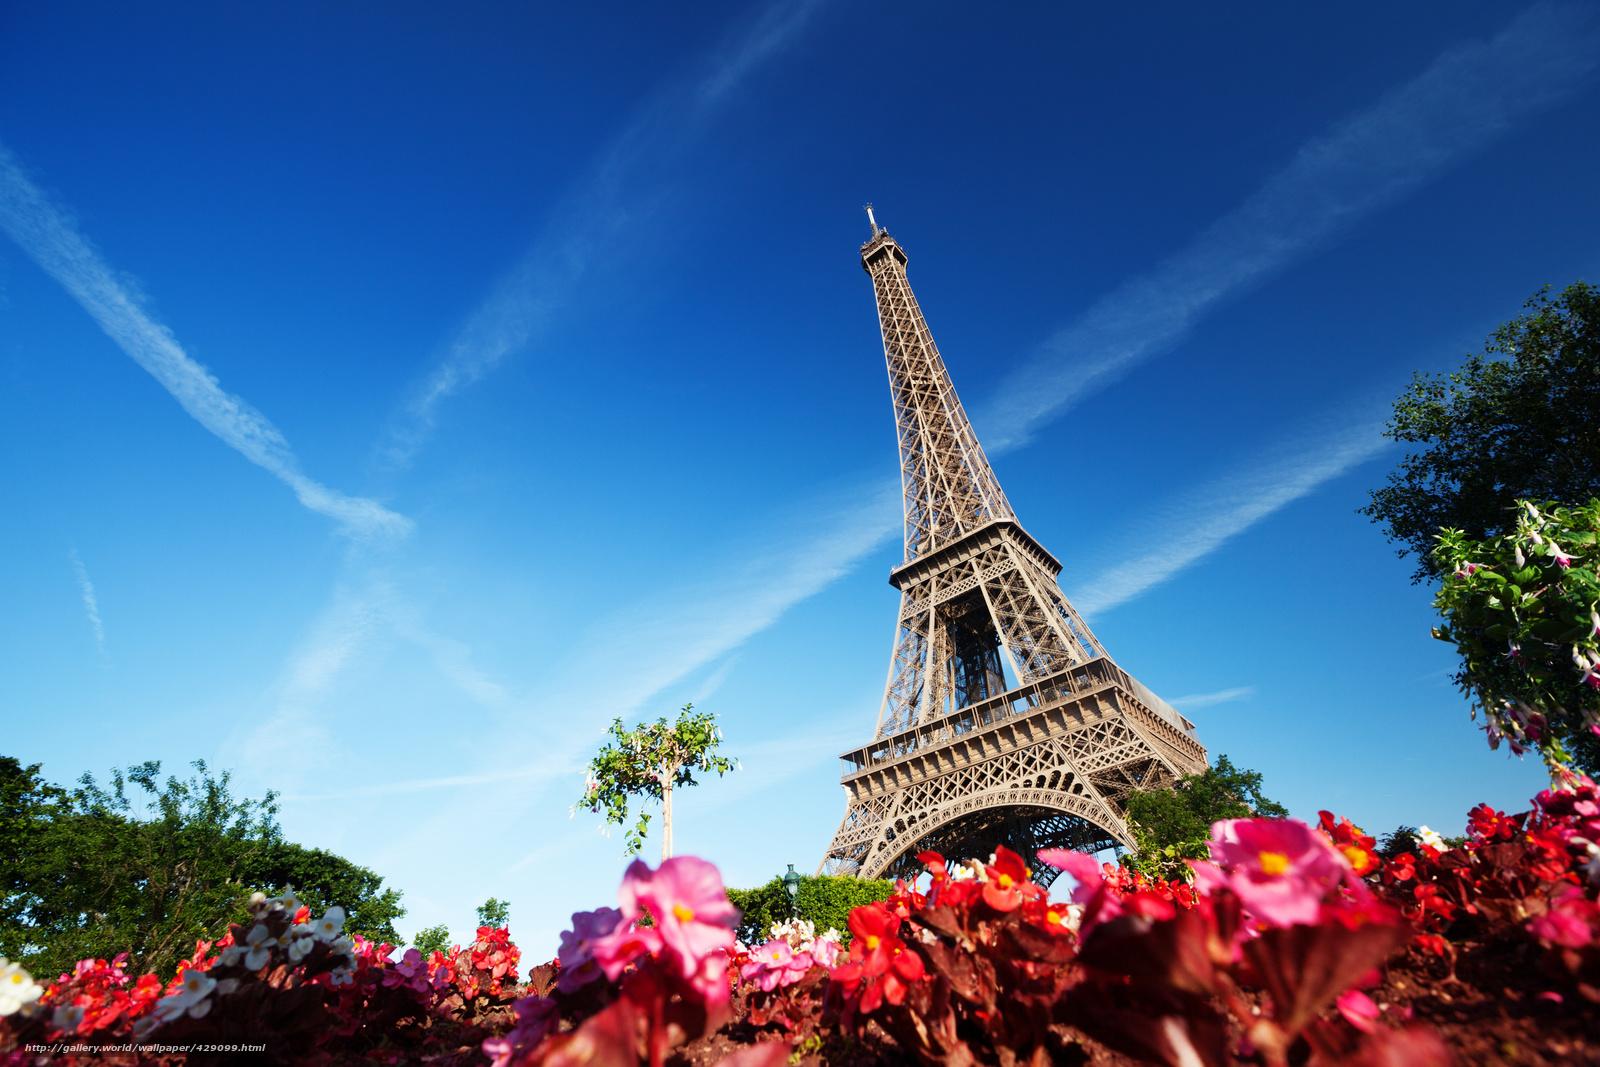 Скачать обои париж, франция, эйфелева башня, цветы бесплатно для.